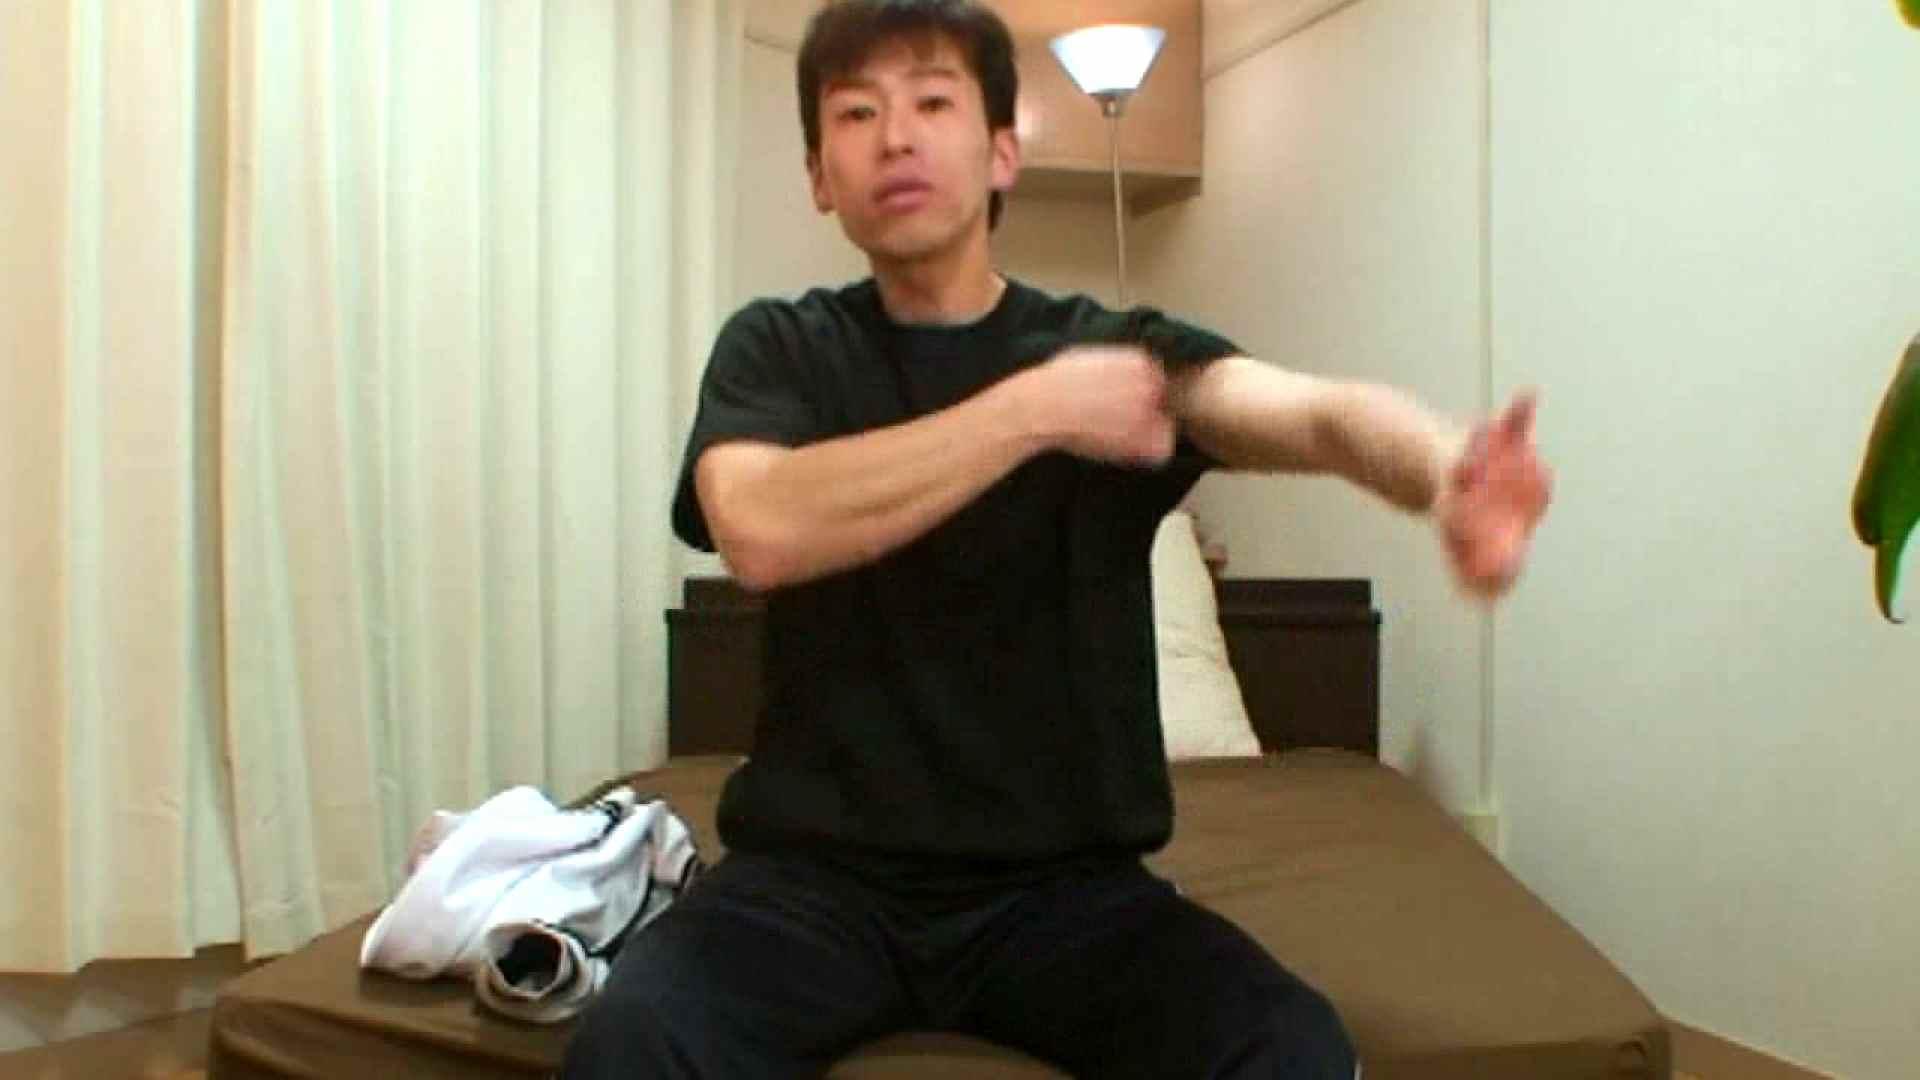 ノンケ!自慰スタジオ No.19 ノンケ  97pic 44